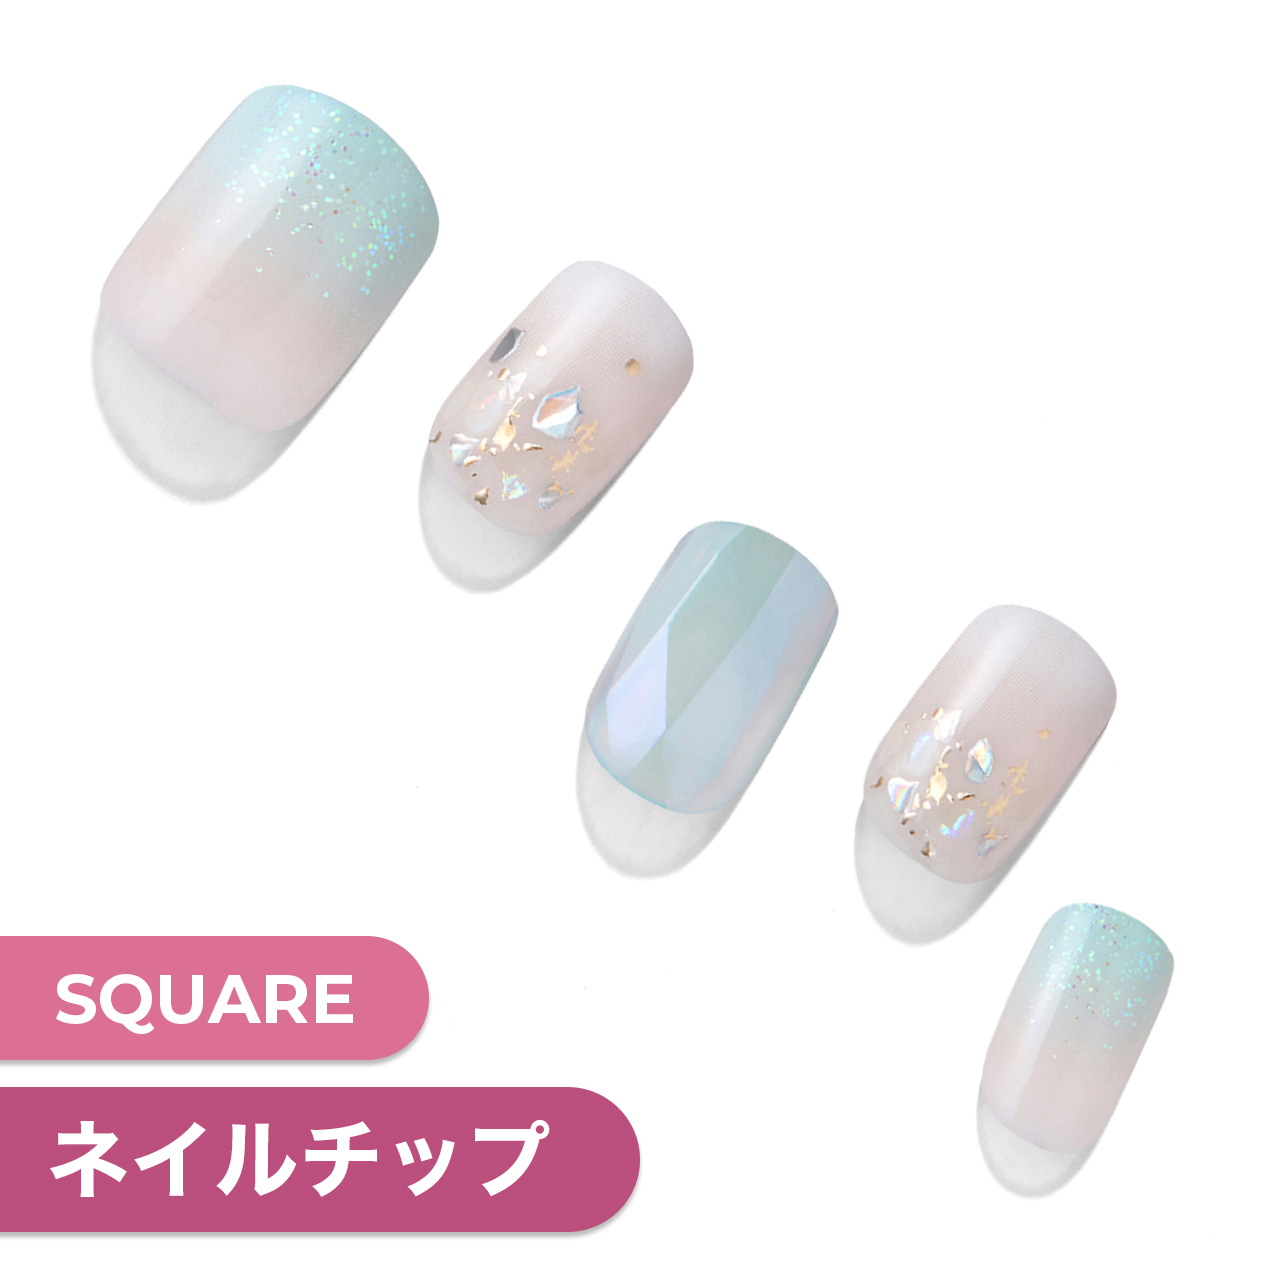 ダッシングディバマジックプレス【MJP110】Fairy Dust